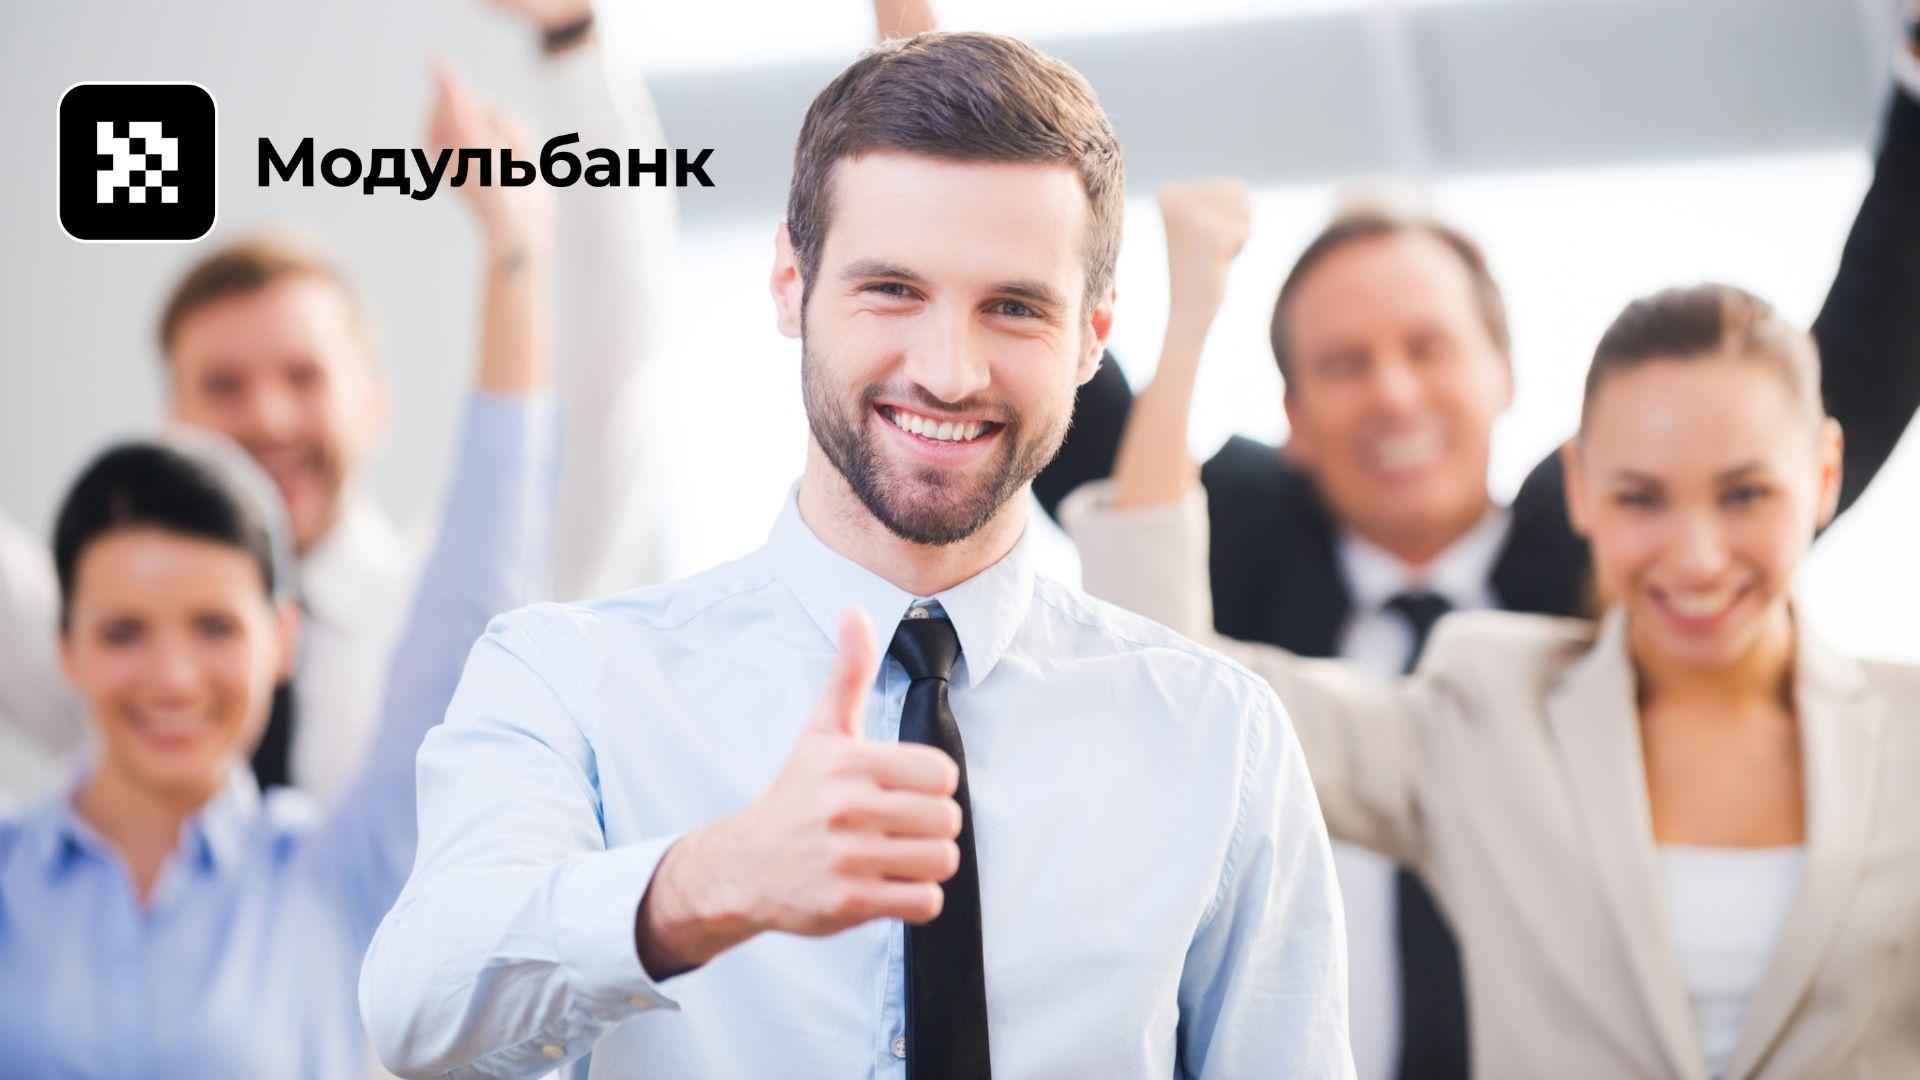 Спецсчёт в модуль банке или банковская гарантия?